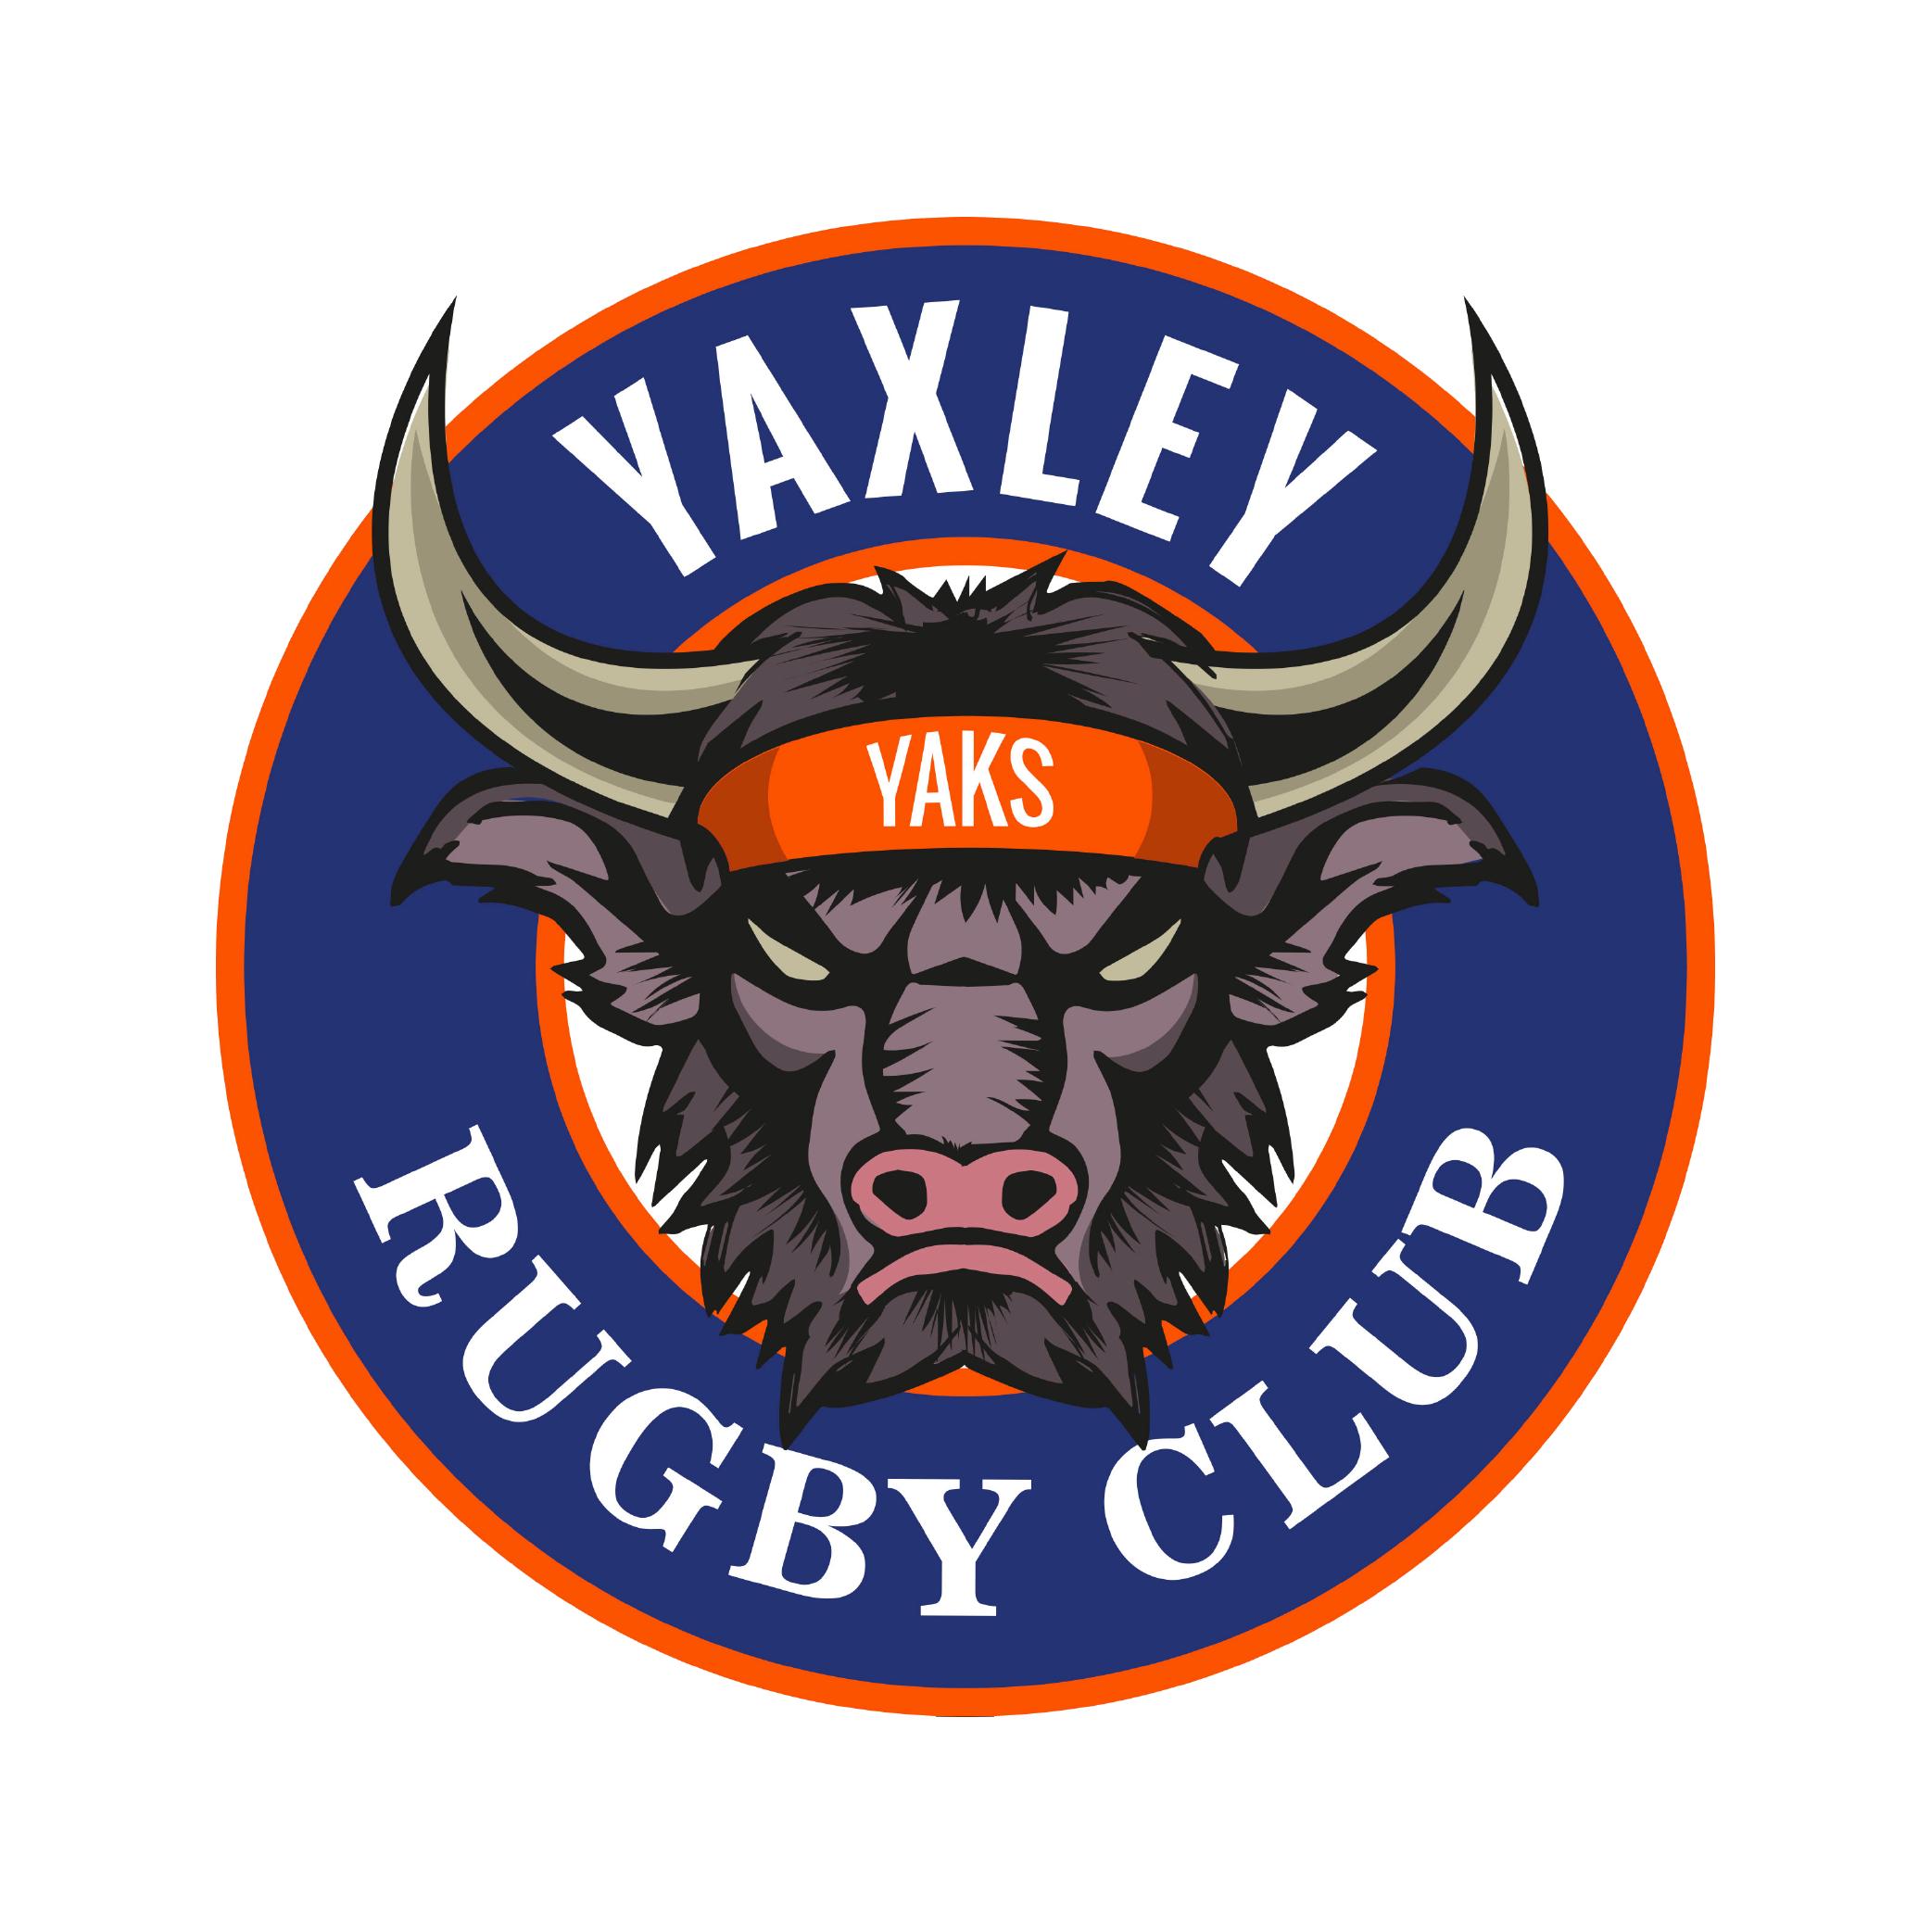 Yaxley Rugby Club